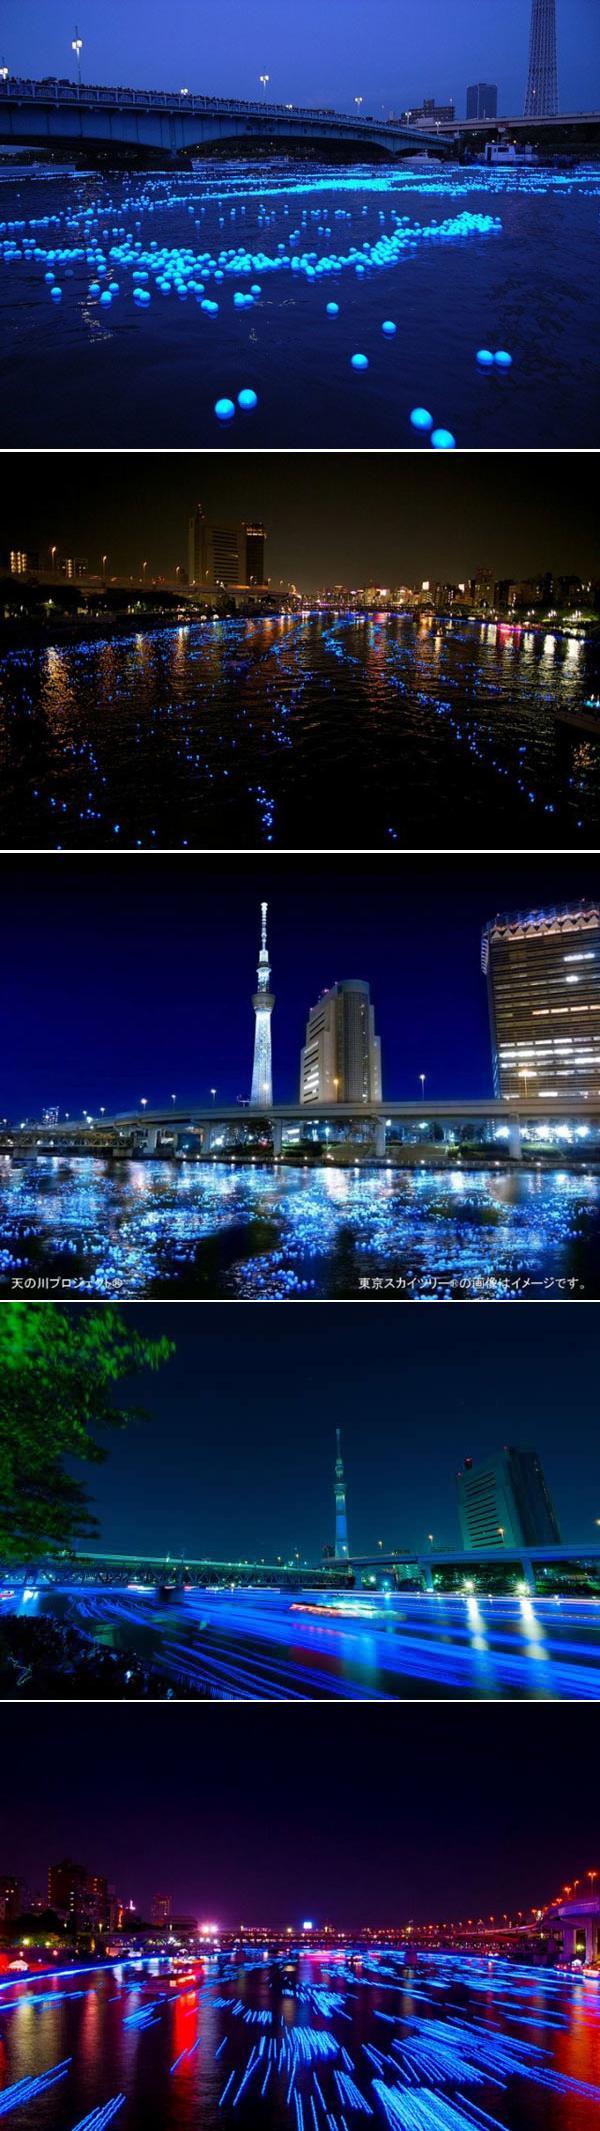 100000 светящихся шариков проплыли по реке в столице Японии